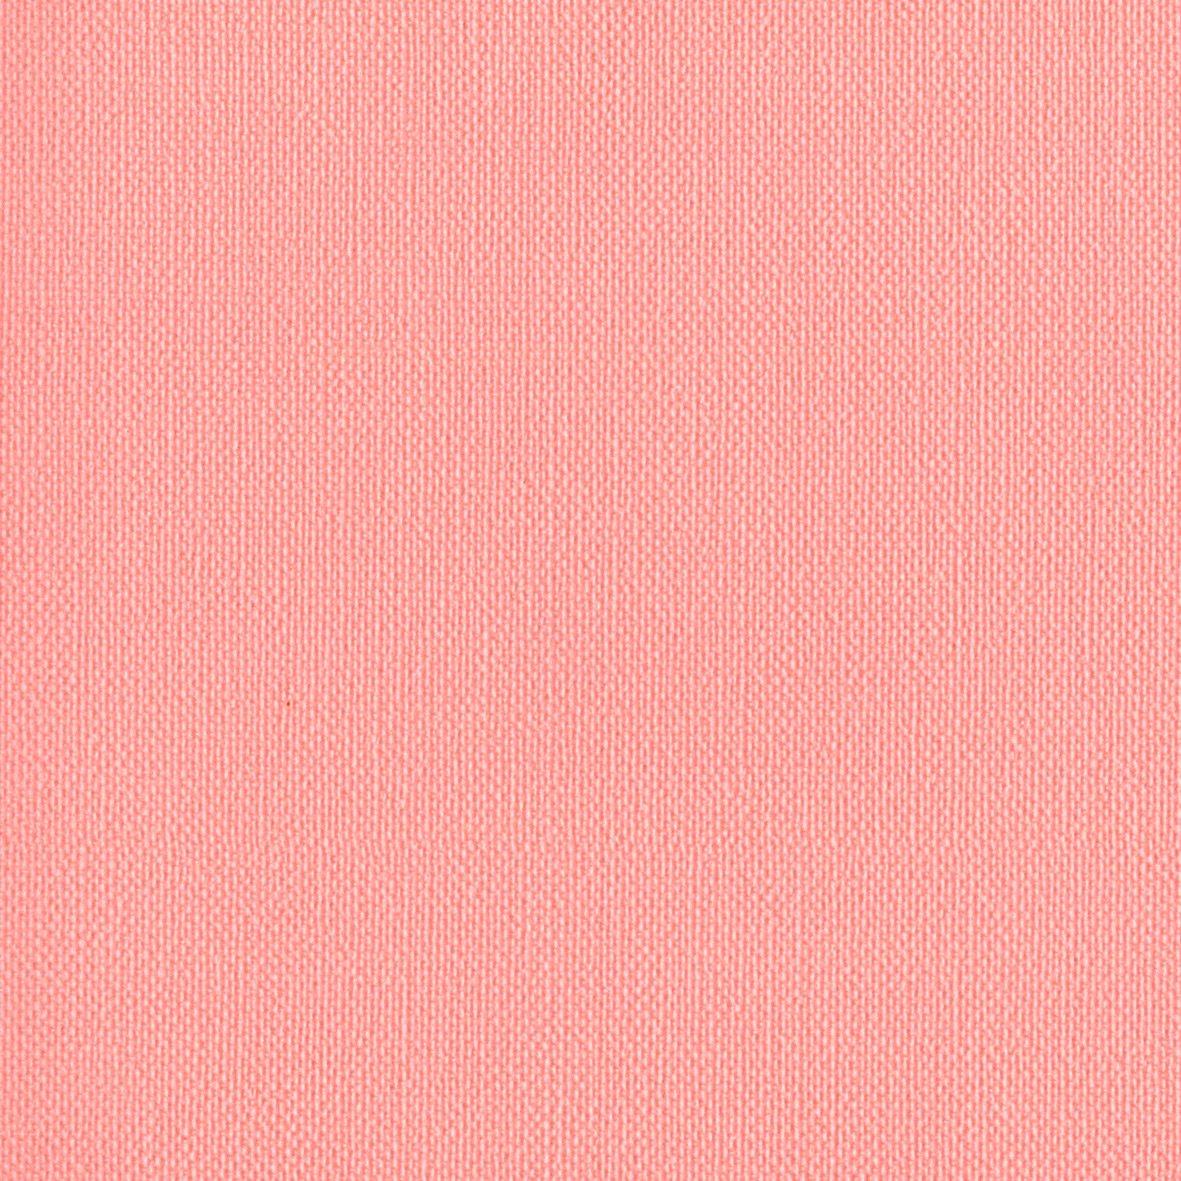 リリカラ 壁紙47m ナチュラル 石目調 ピンク カラーバリエーション LV-6182 B01IHSLP9Q 47m|ピンク